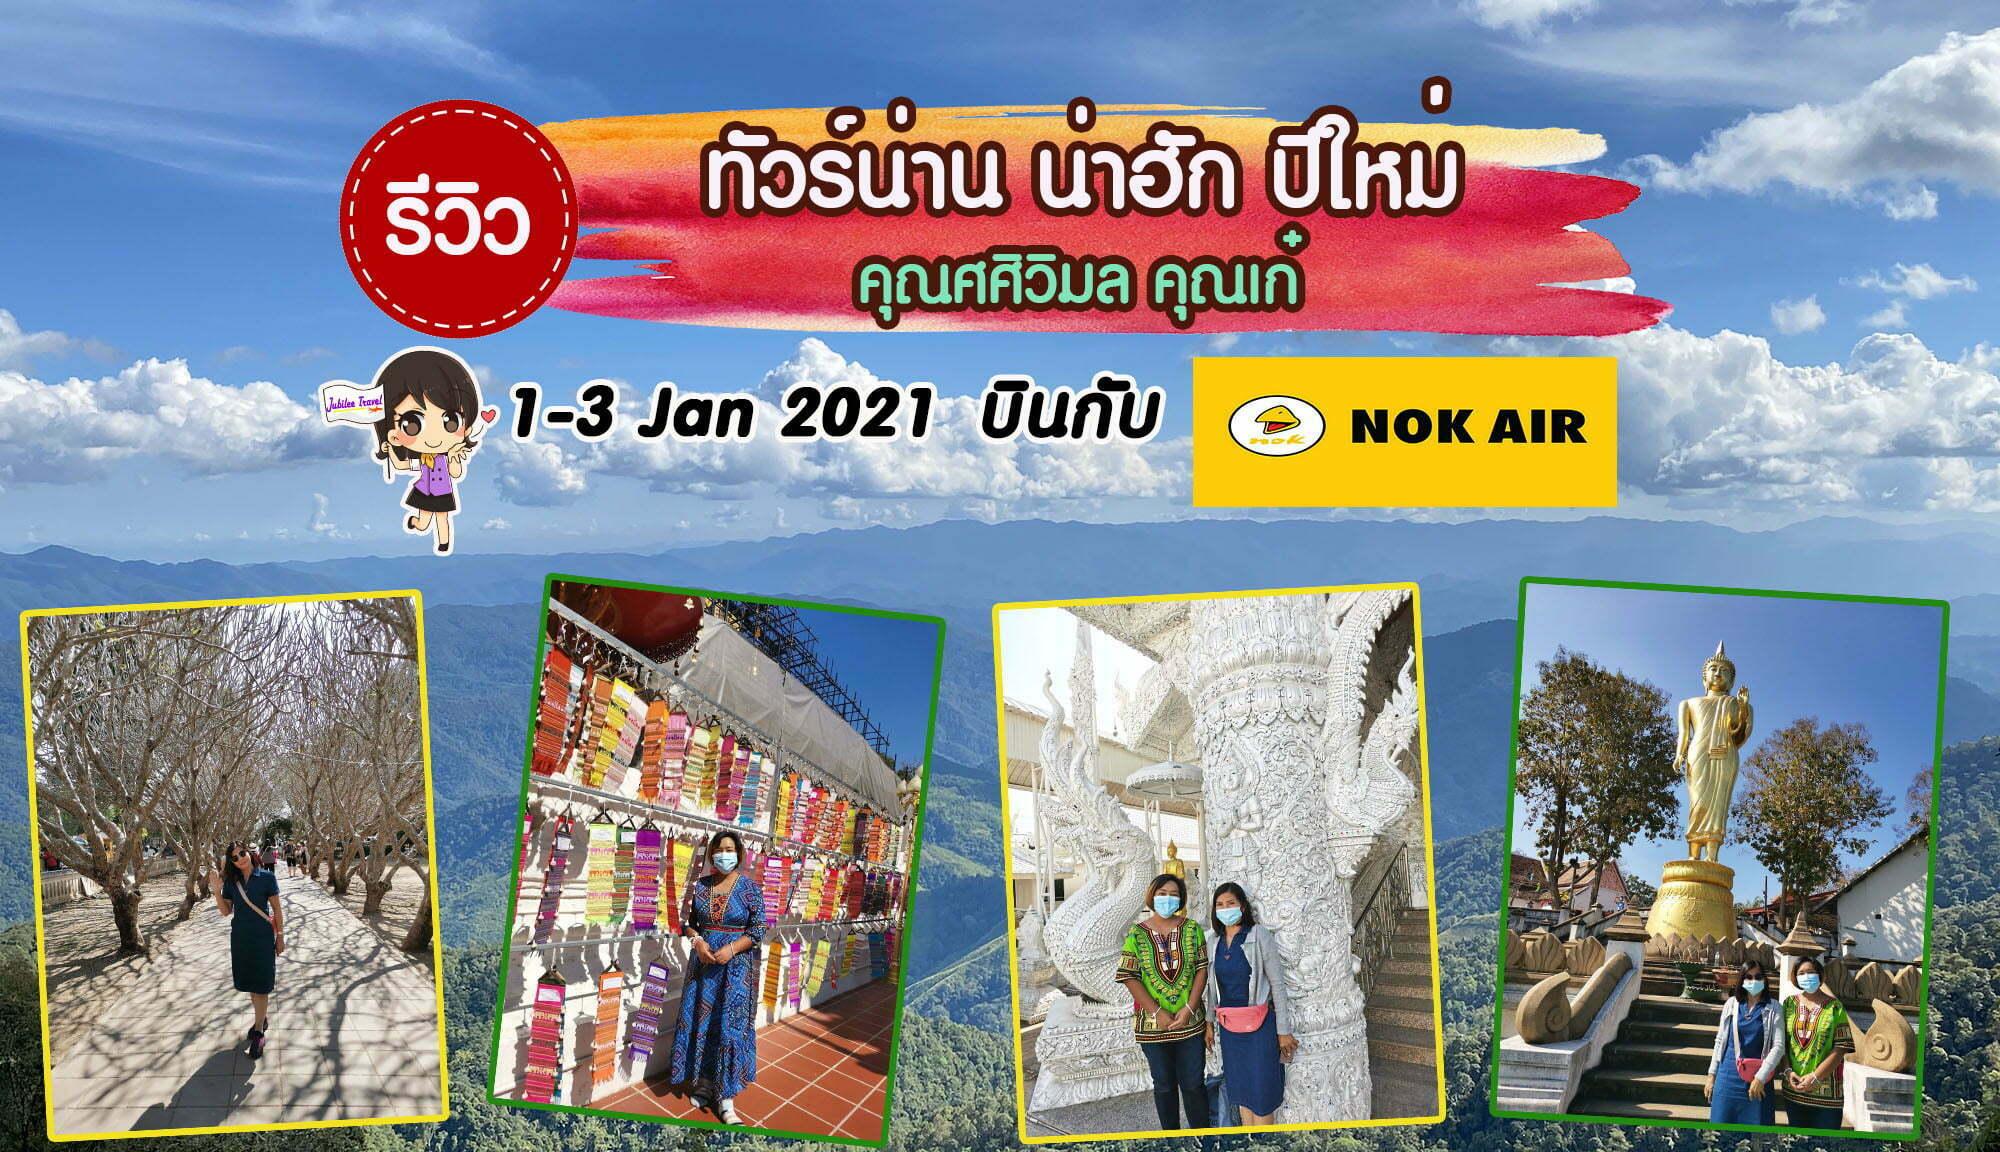 รีวิวคุณลูกค้า คุณศศิวิมล คุณเก๋ ทัวร์น่าน น่าฮัก ปีใหม่ 1-3 Jan 2021 บินกับนกแอร์